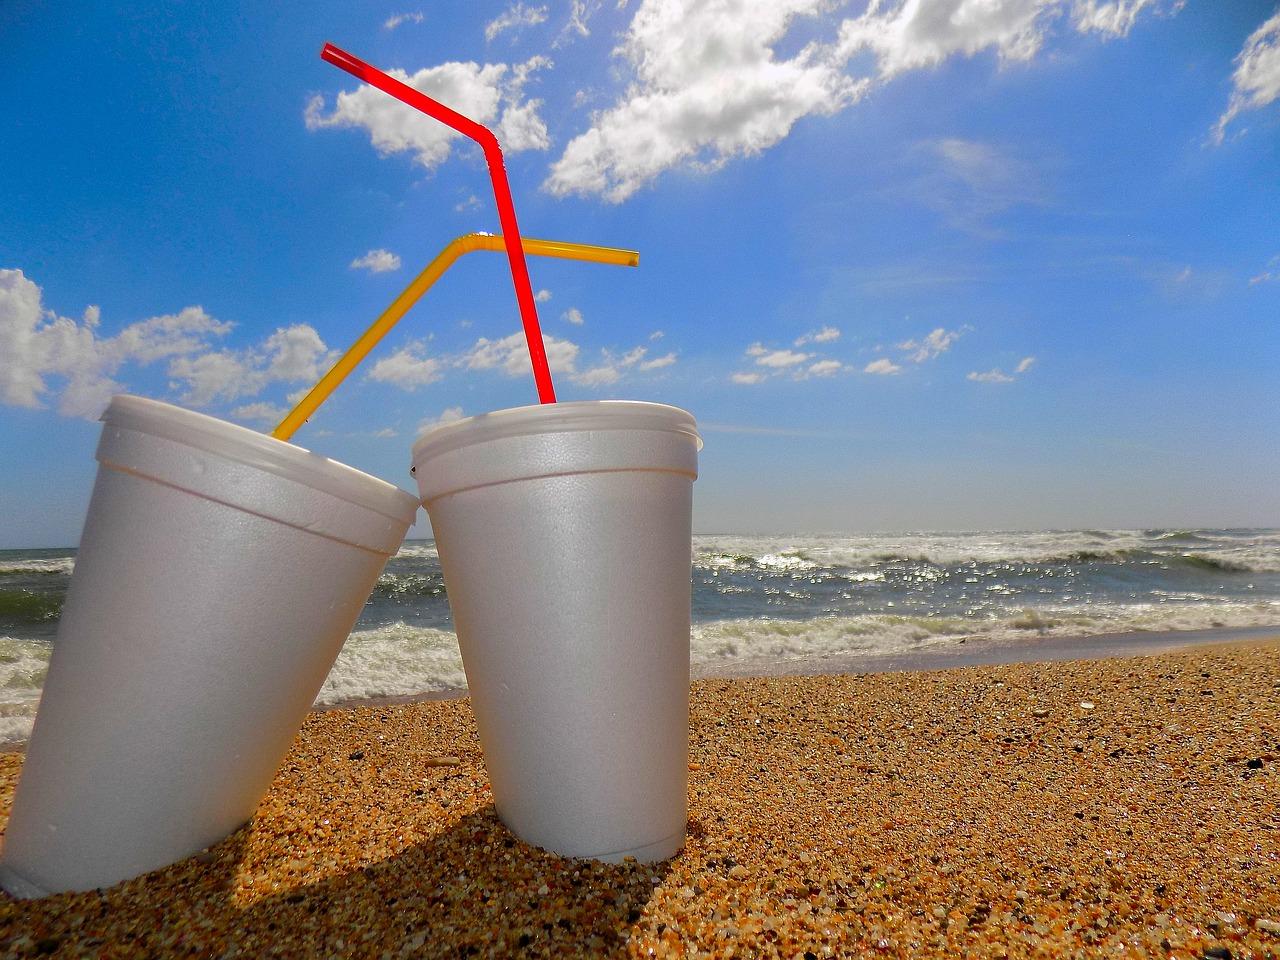 Emballages alimentaires: le recyclage avance lentement, le plastique s'accroche